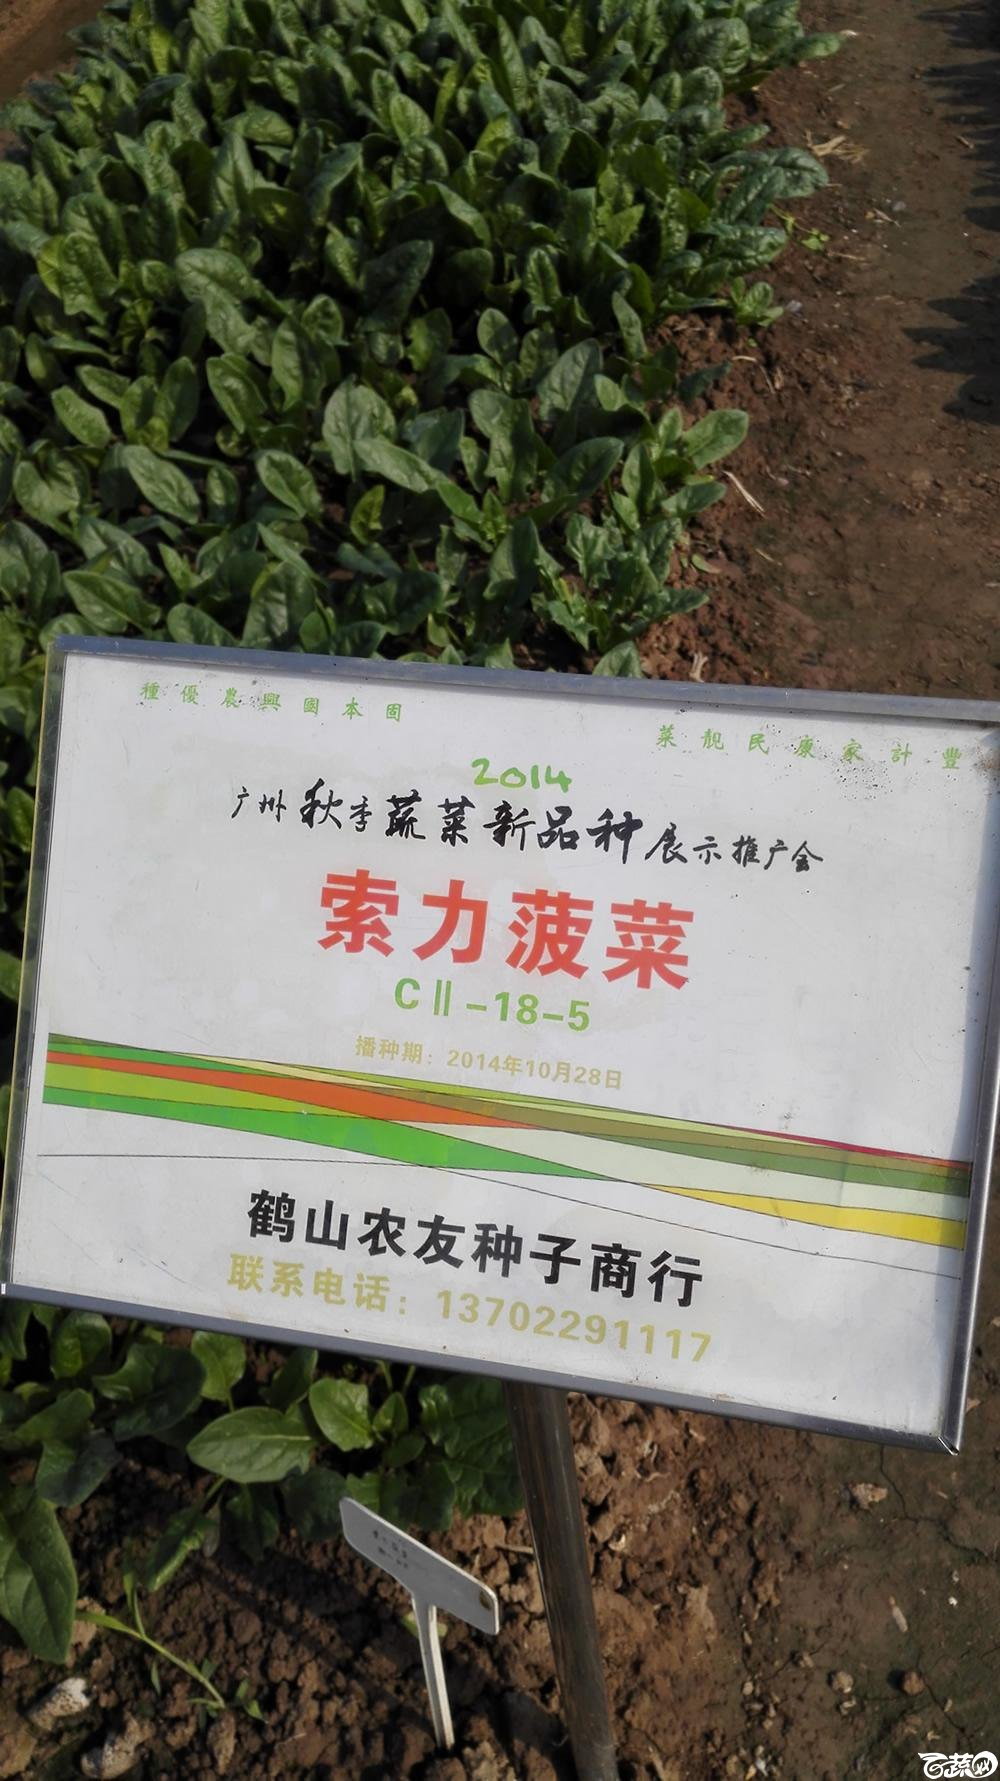 2014年12月10号广州市农科院南沙秋季蔬菜新品种展示会_叶菜_175.jpg